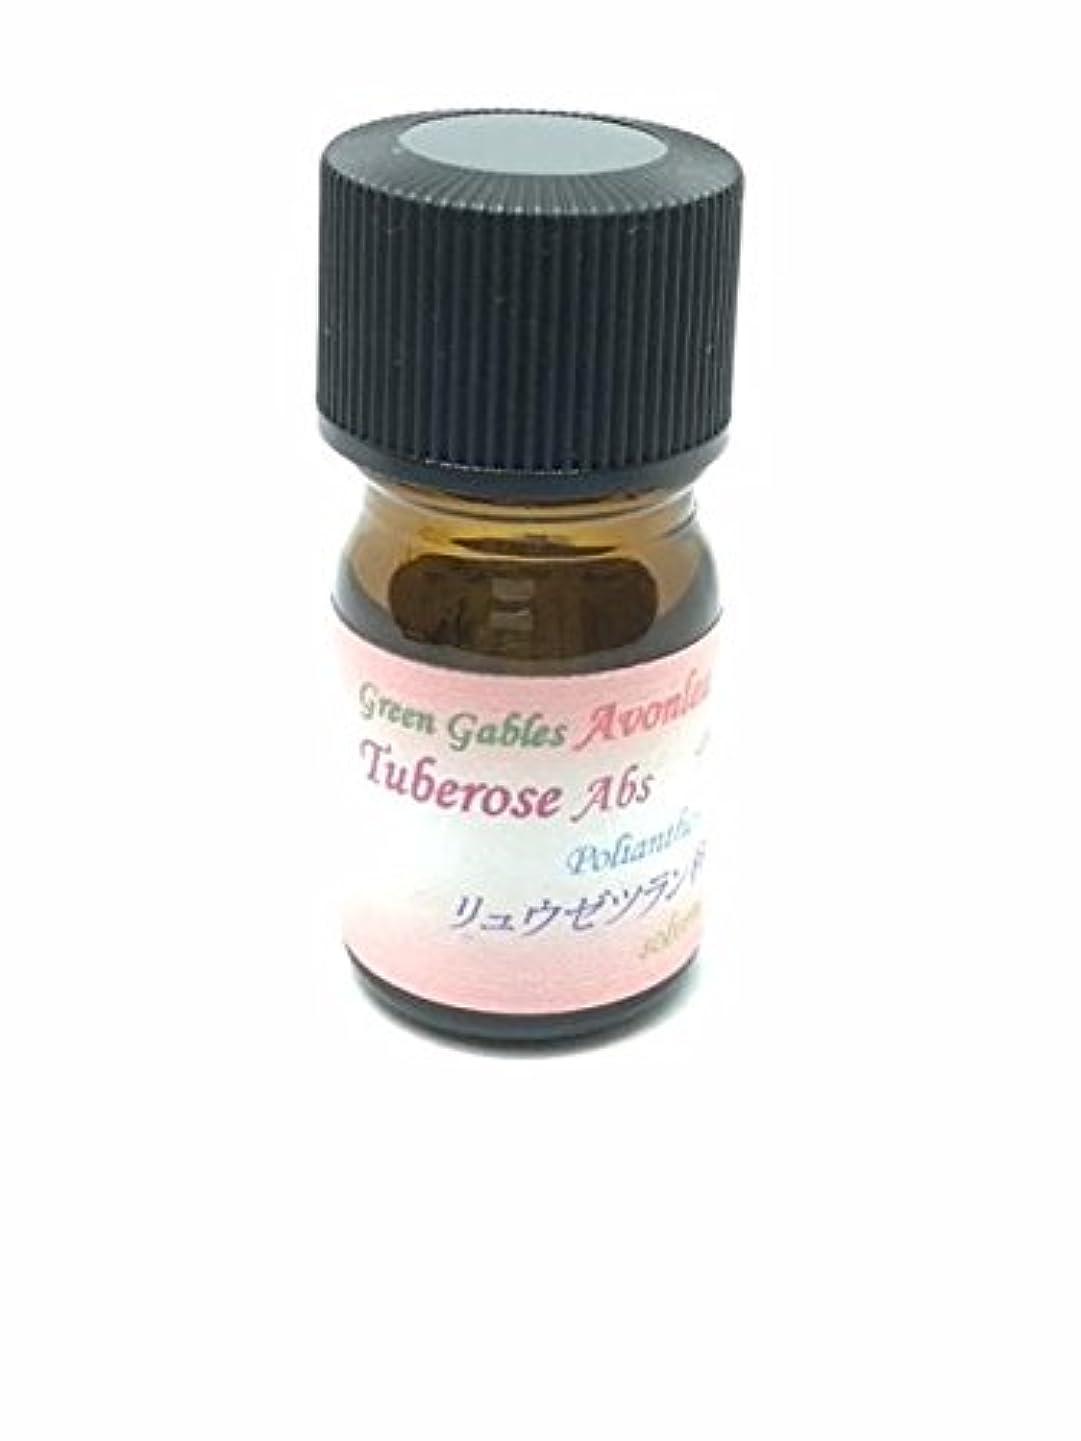 ボーダー気配りのある然とした月下香精油 ピュアエッセンシャルオイル チュベローズアブソリュード Tuberose (100ml)